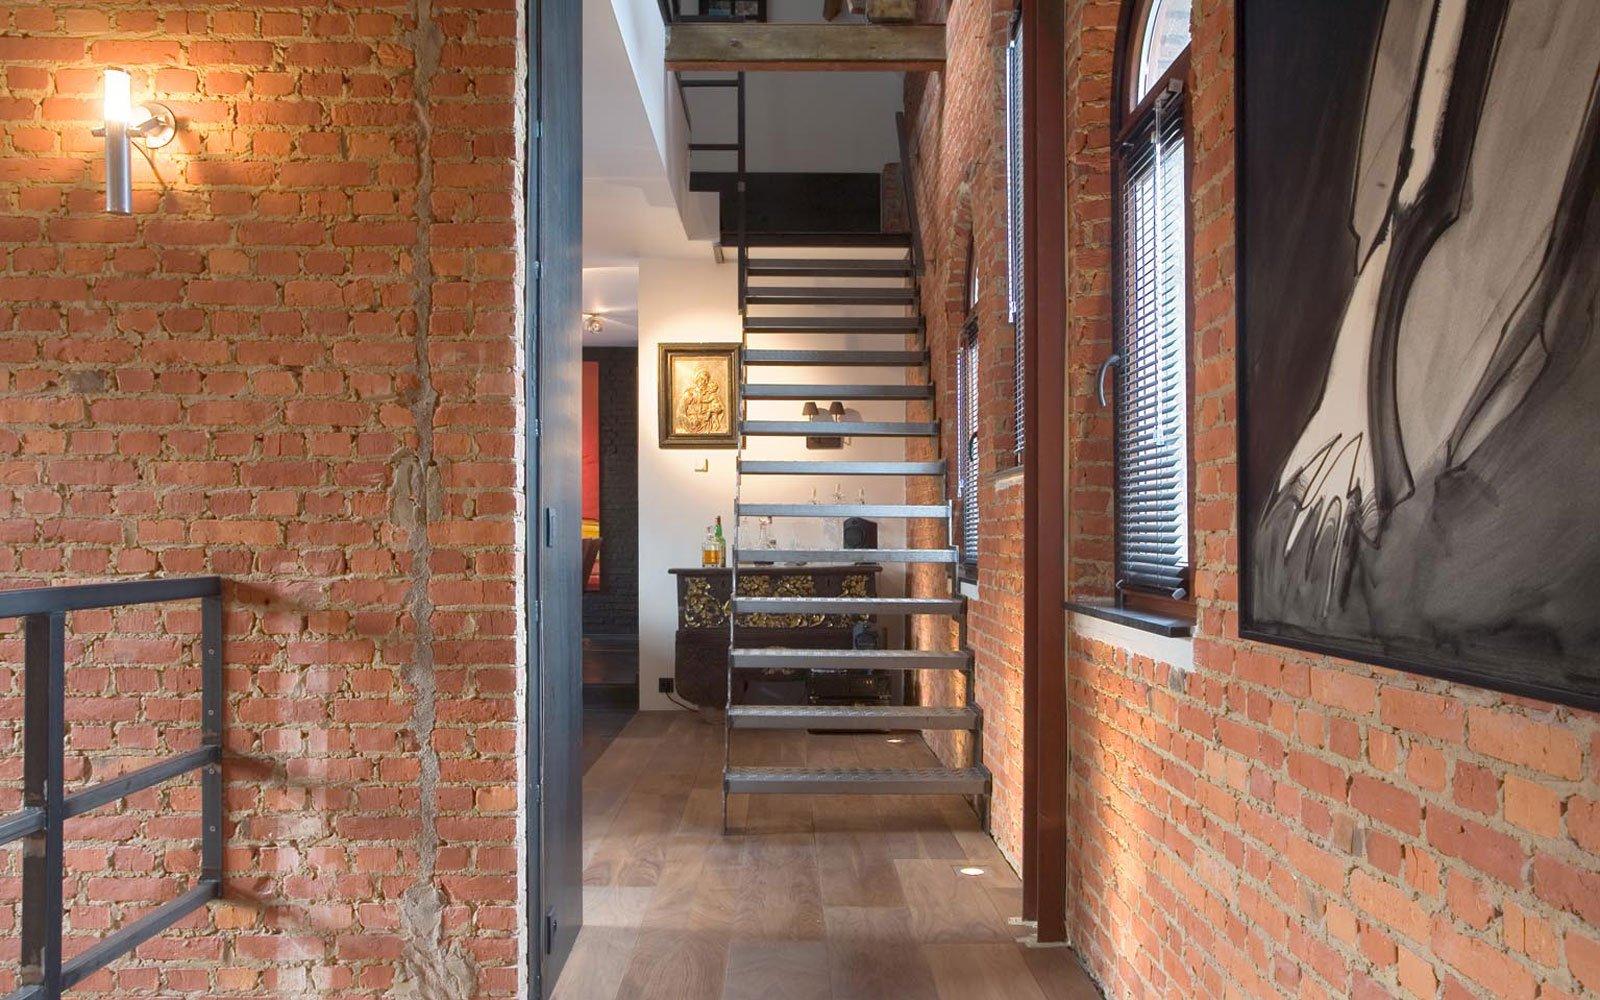 Trap, stalen trap, authentieke materialen, houten vloer, ruimtelijk, woning in klooster, Bart van Wijk